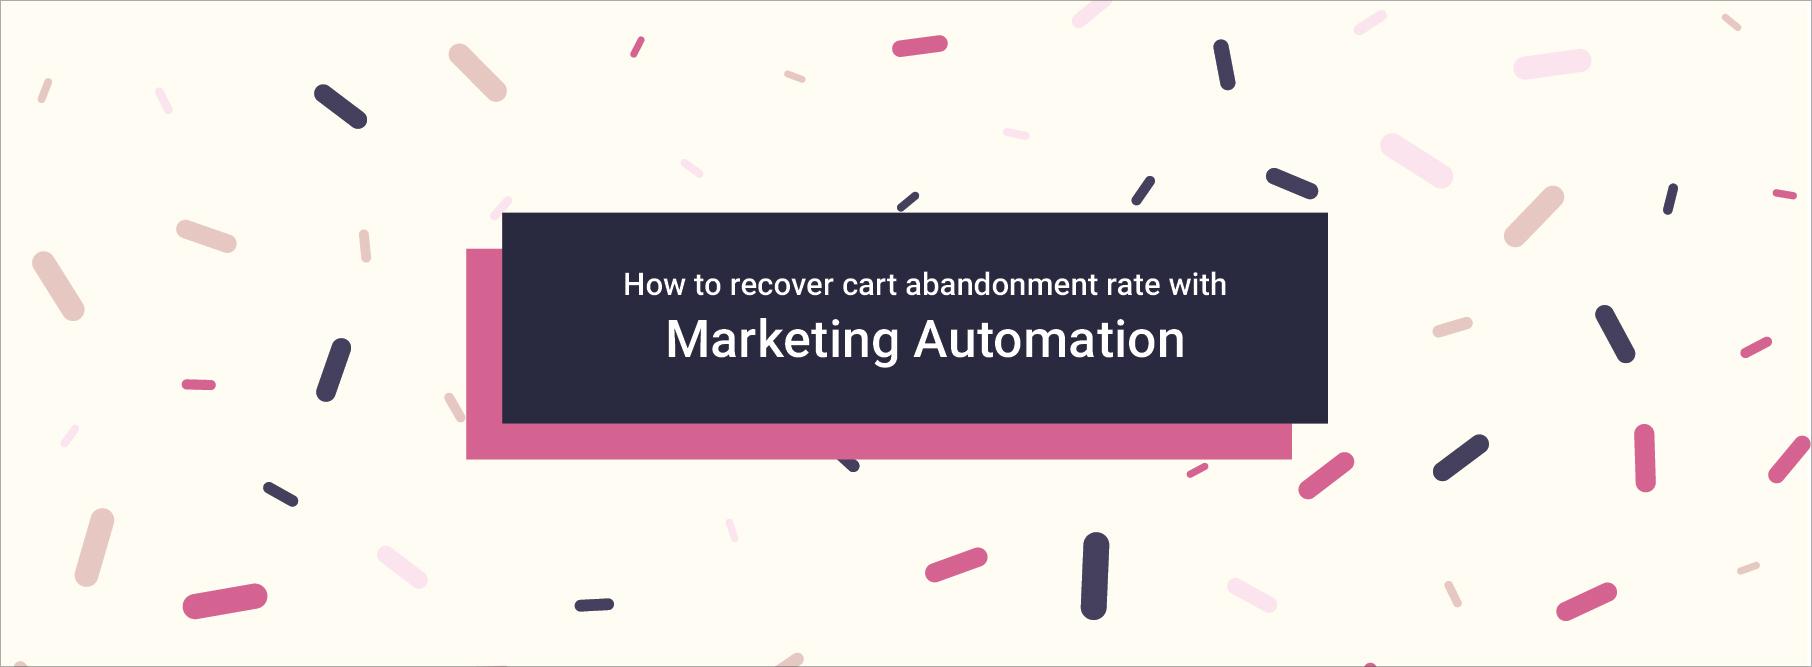 smart marketing automation